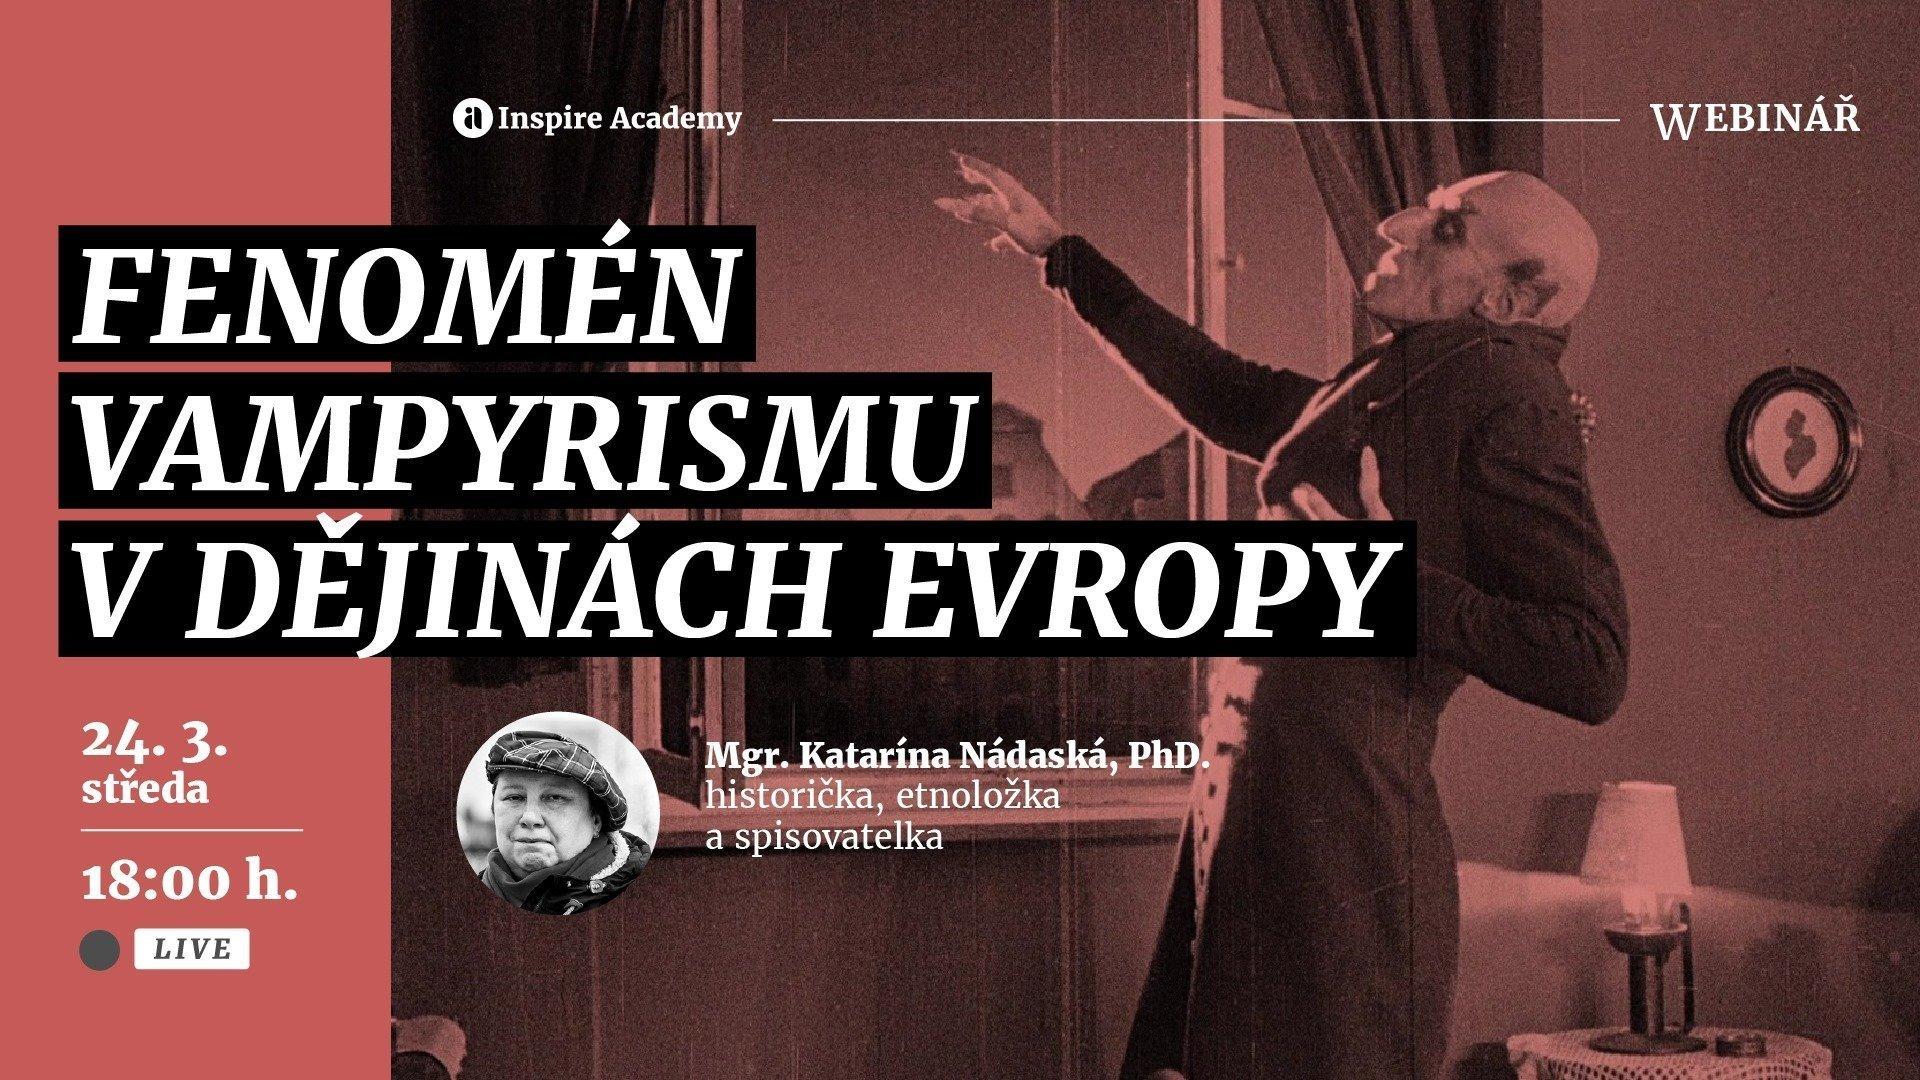 Fenomén vampyrismu v dějinách Evropy